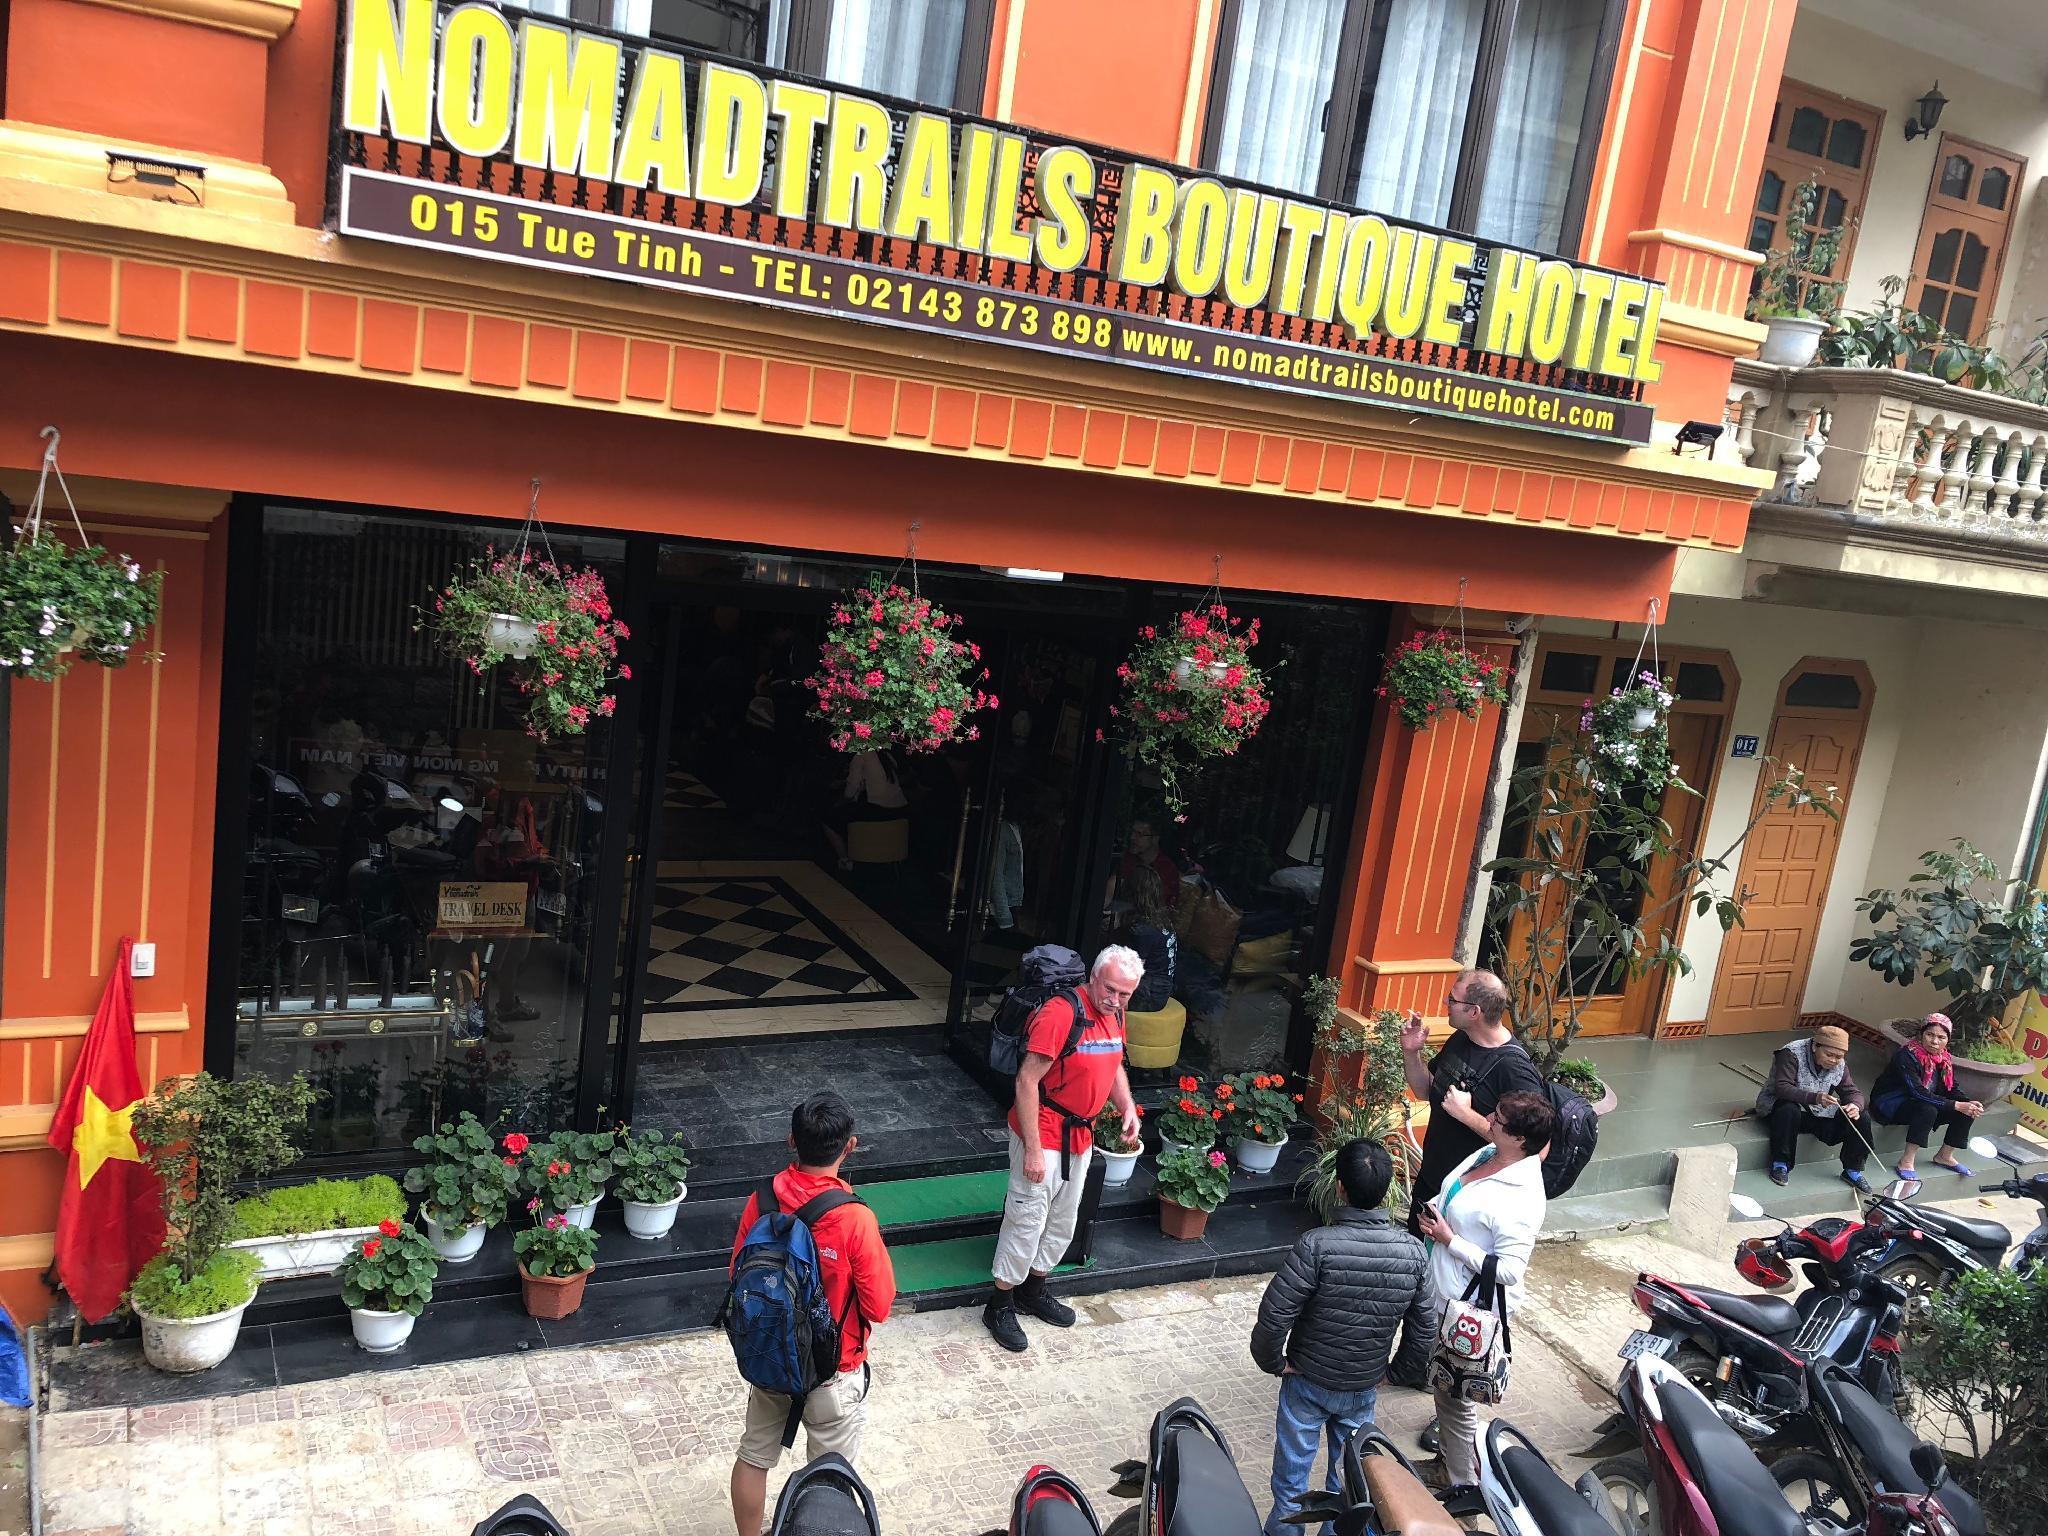 Nomadtrails Boutique Hotel